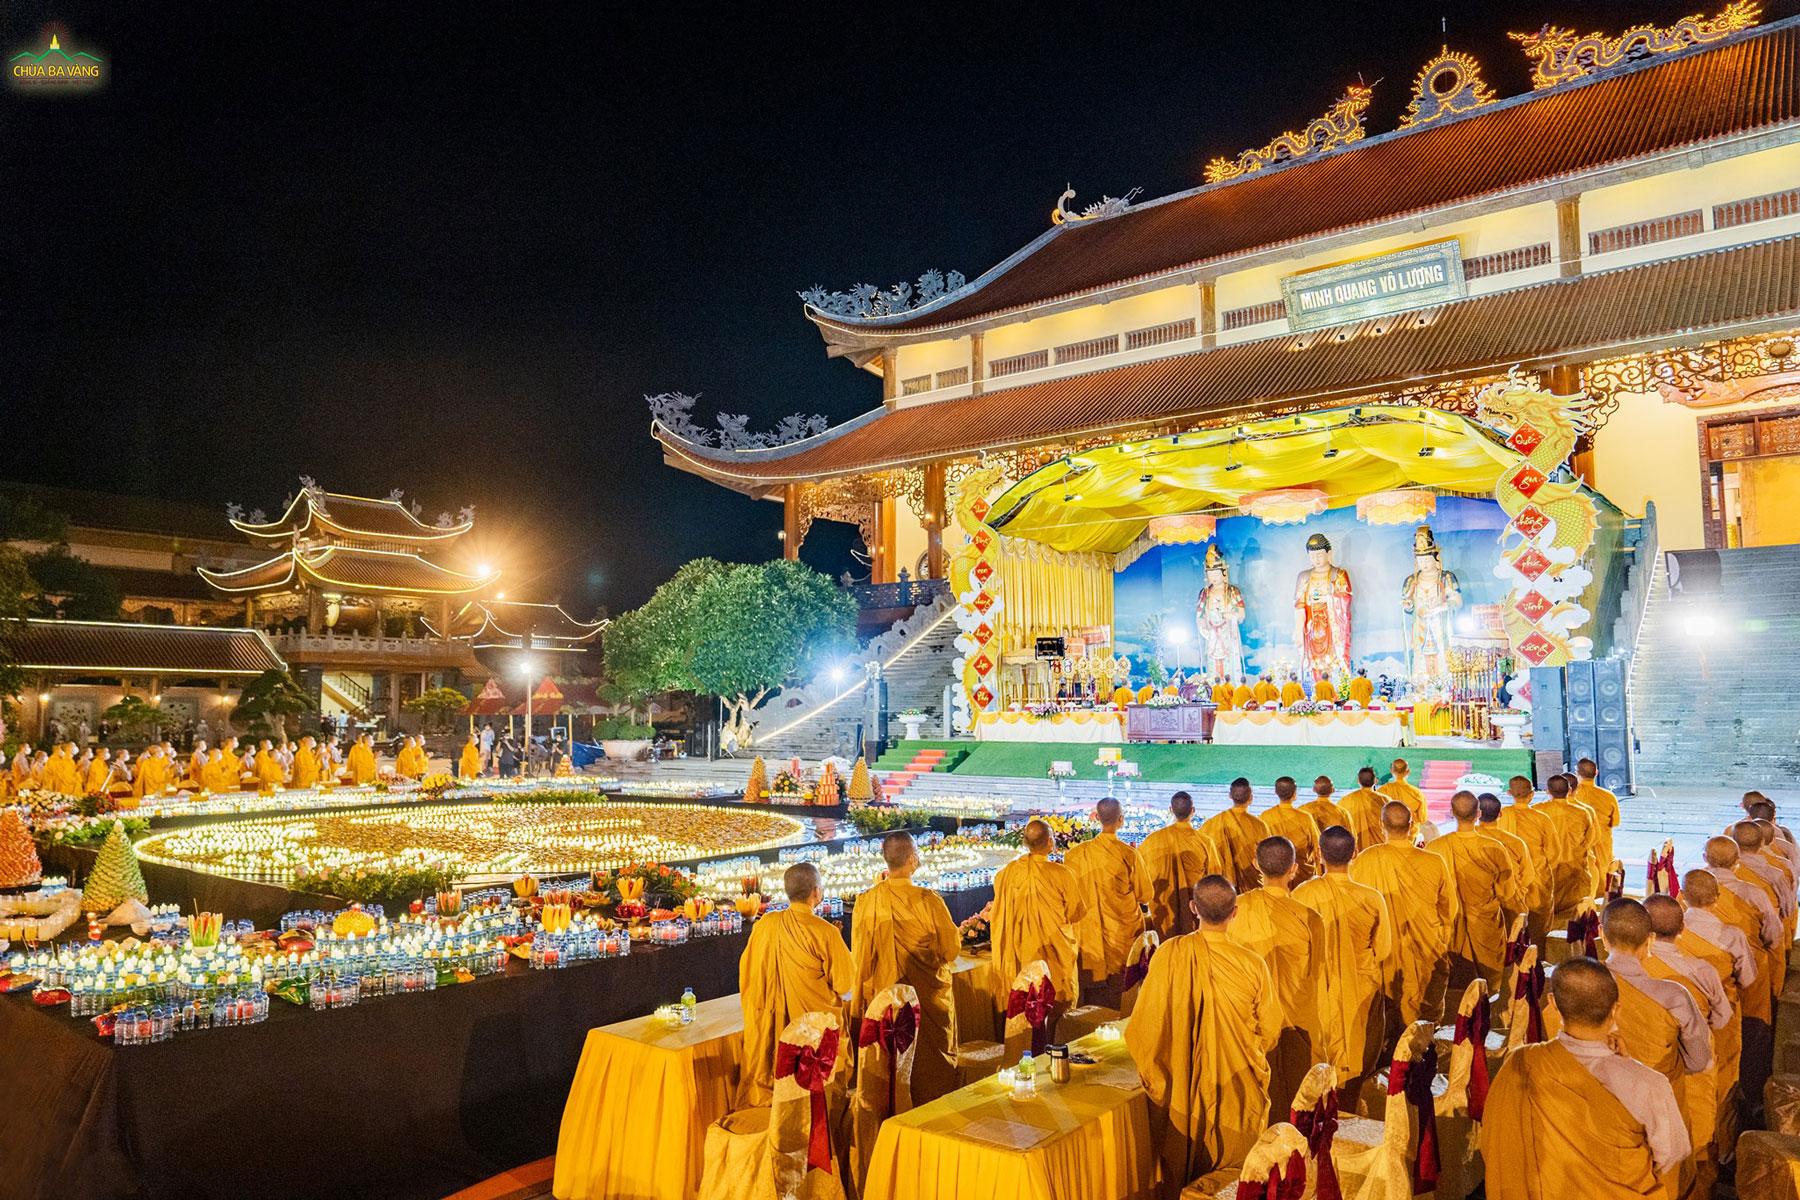 Không khí trang nghiêm, thanh tịnh trong buổi Lễ Cầu siêu phả độ gia tiên tại chùa Ba Vàng nhân mùa Vu Lan báo hiếu